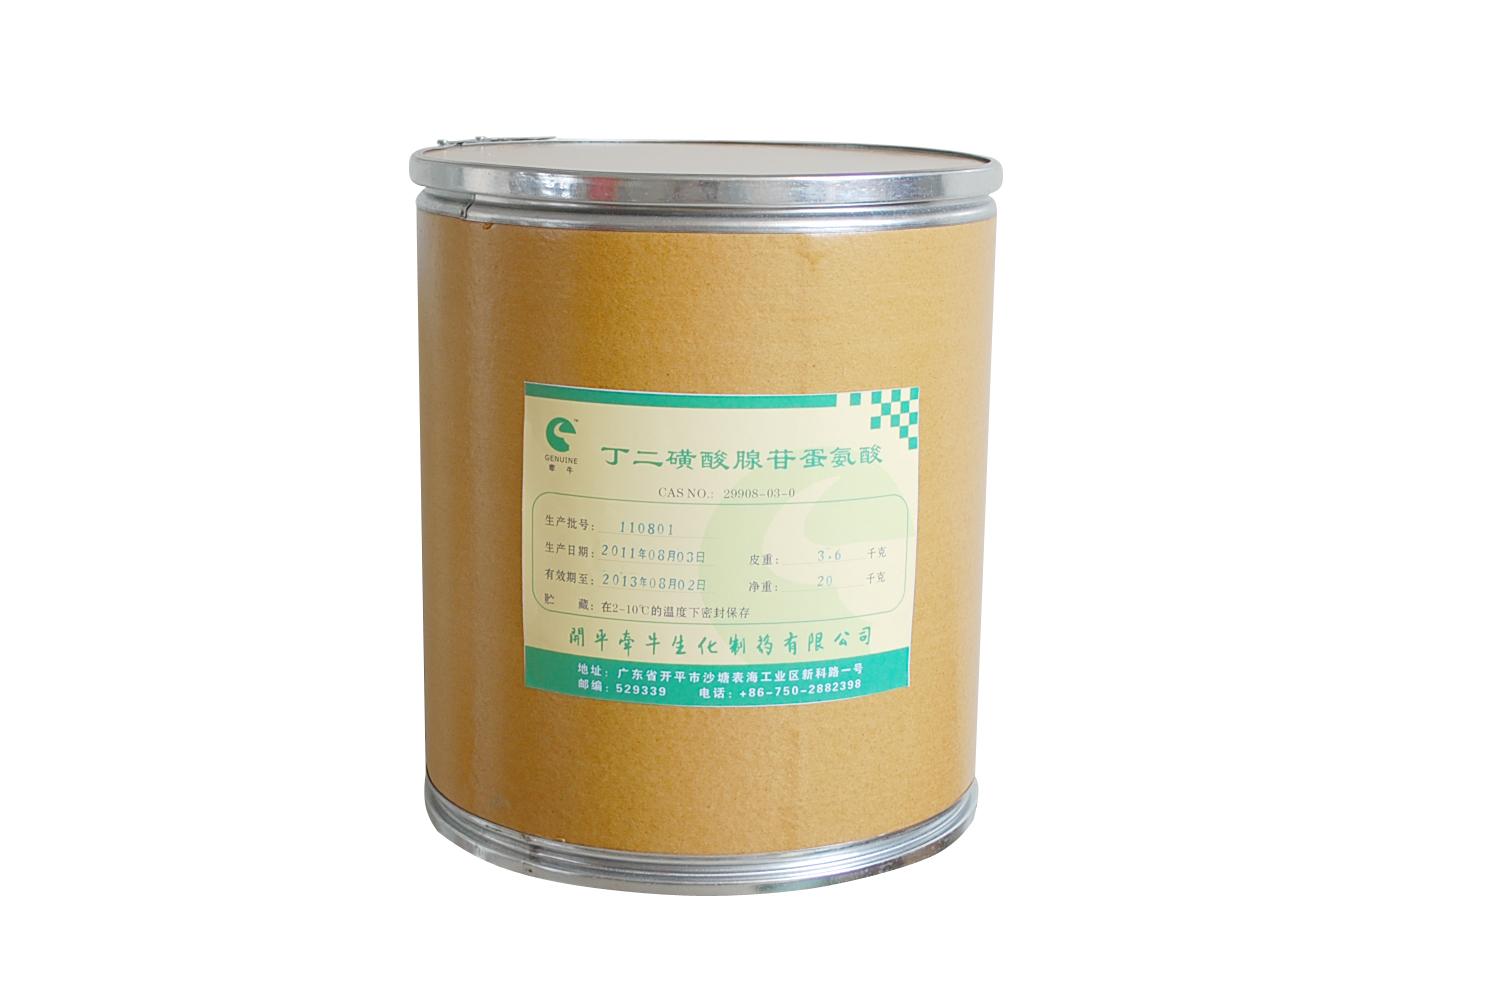 丁二磺酸腺苷蛋氨酸